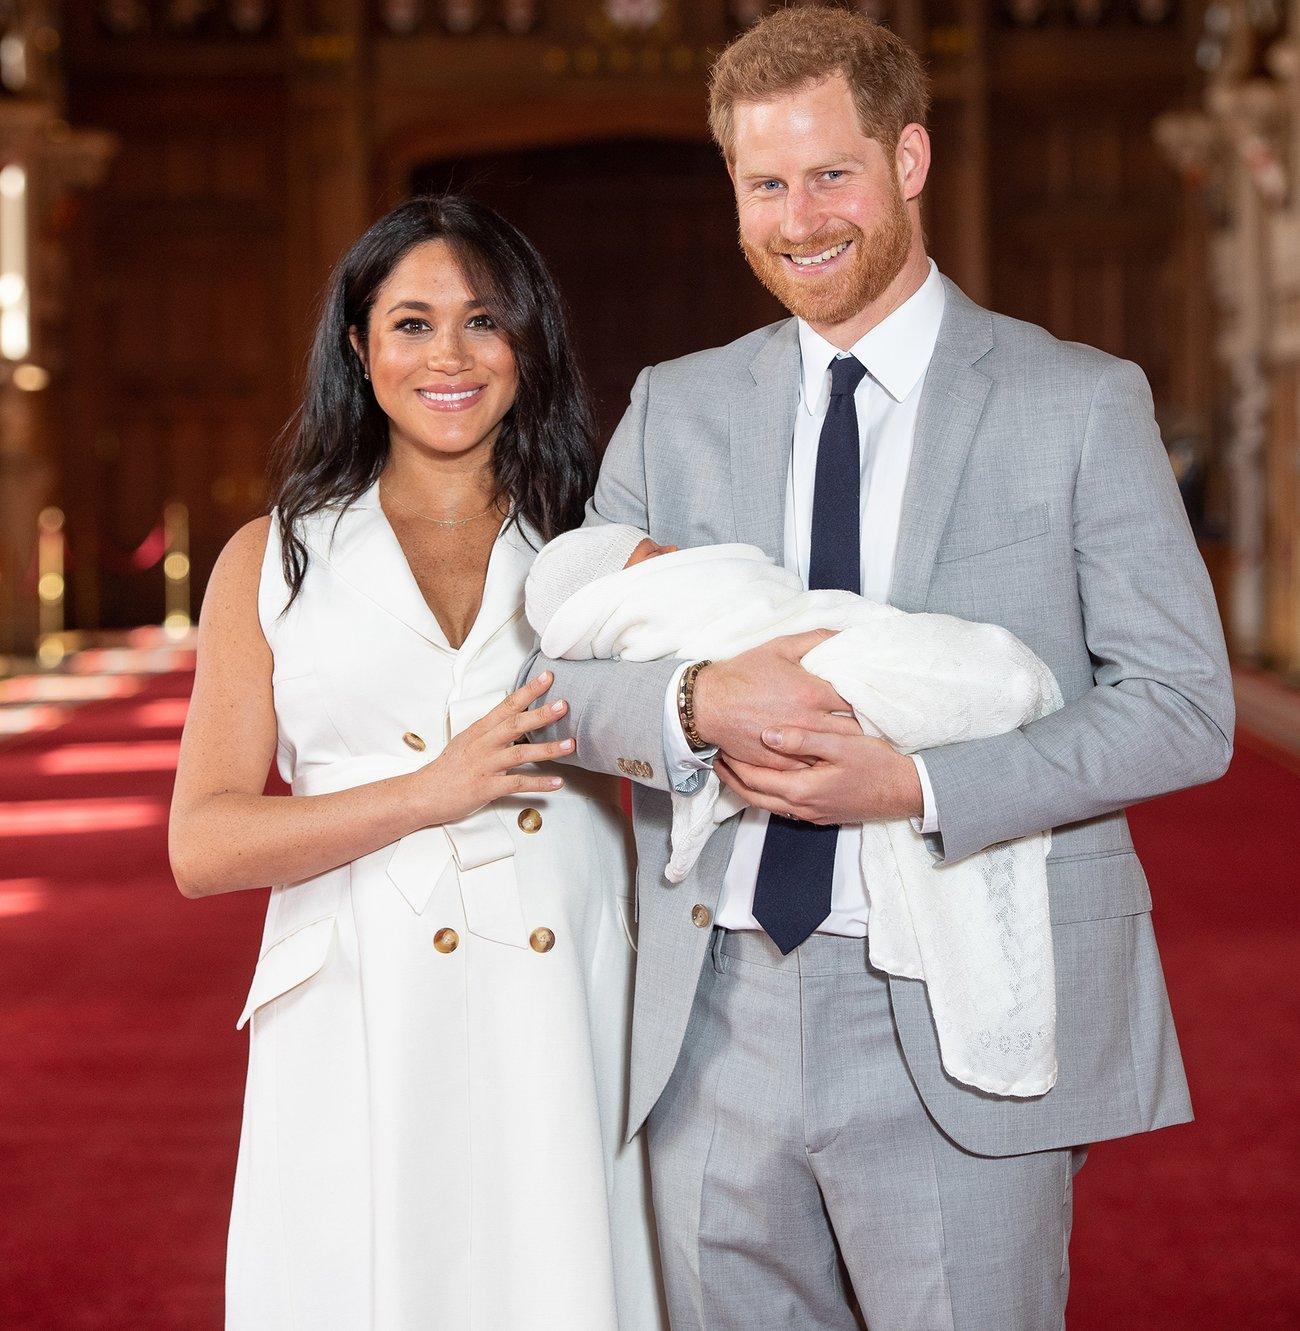 Herzogin Meghan und Prinz Harry stellen der Welt ihr Baby vor.